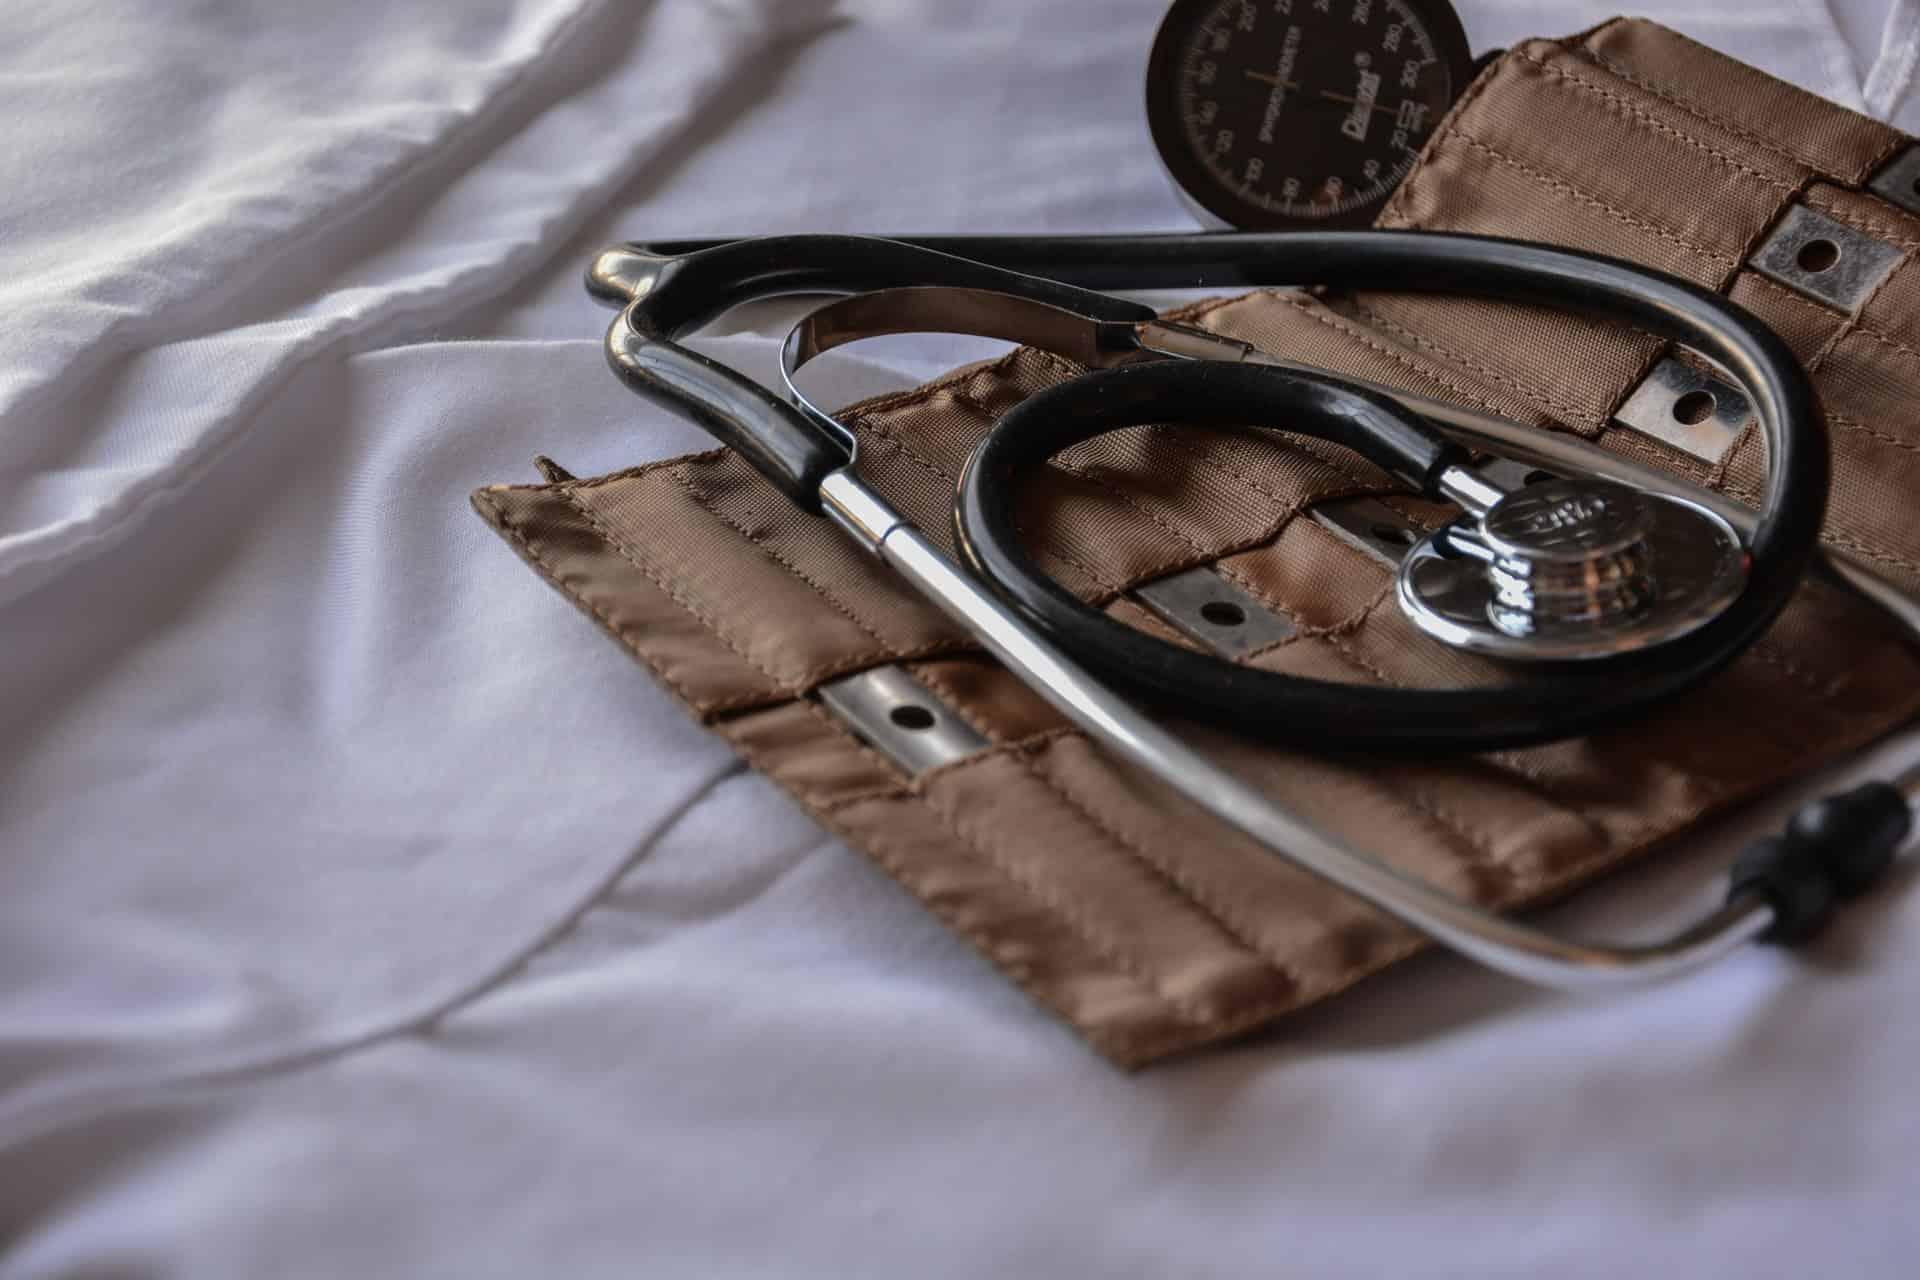 Reajuste no plano de saúde é legal? Procon responde sobre aumento